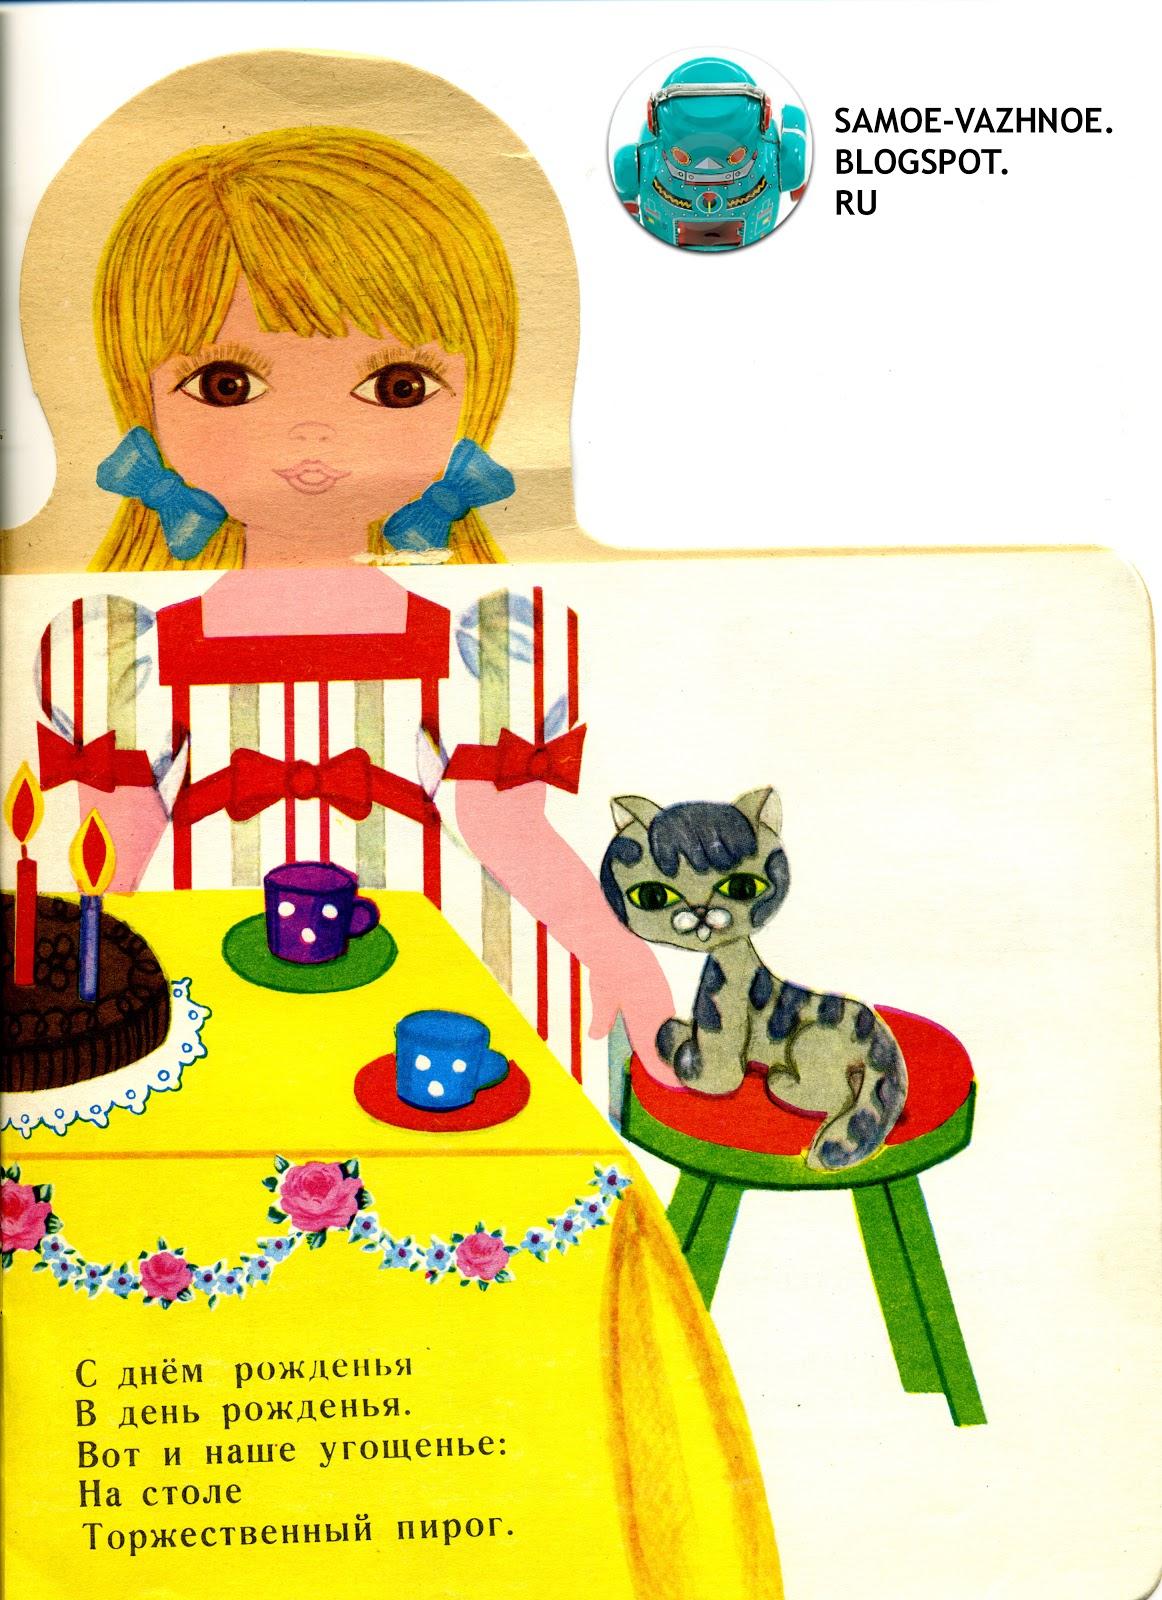 На столе - торжественный пирог. Ждём гостей - и гости на порог. Принимаем поздравленья с Днём рожденья в День рожденья. Вот и наше угощенье - на столе торжественный пирог.